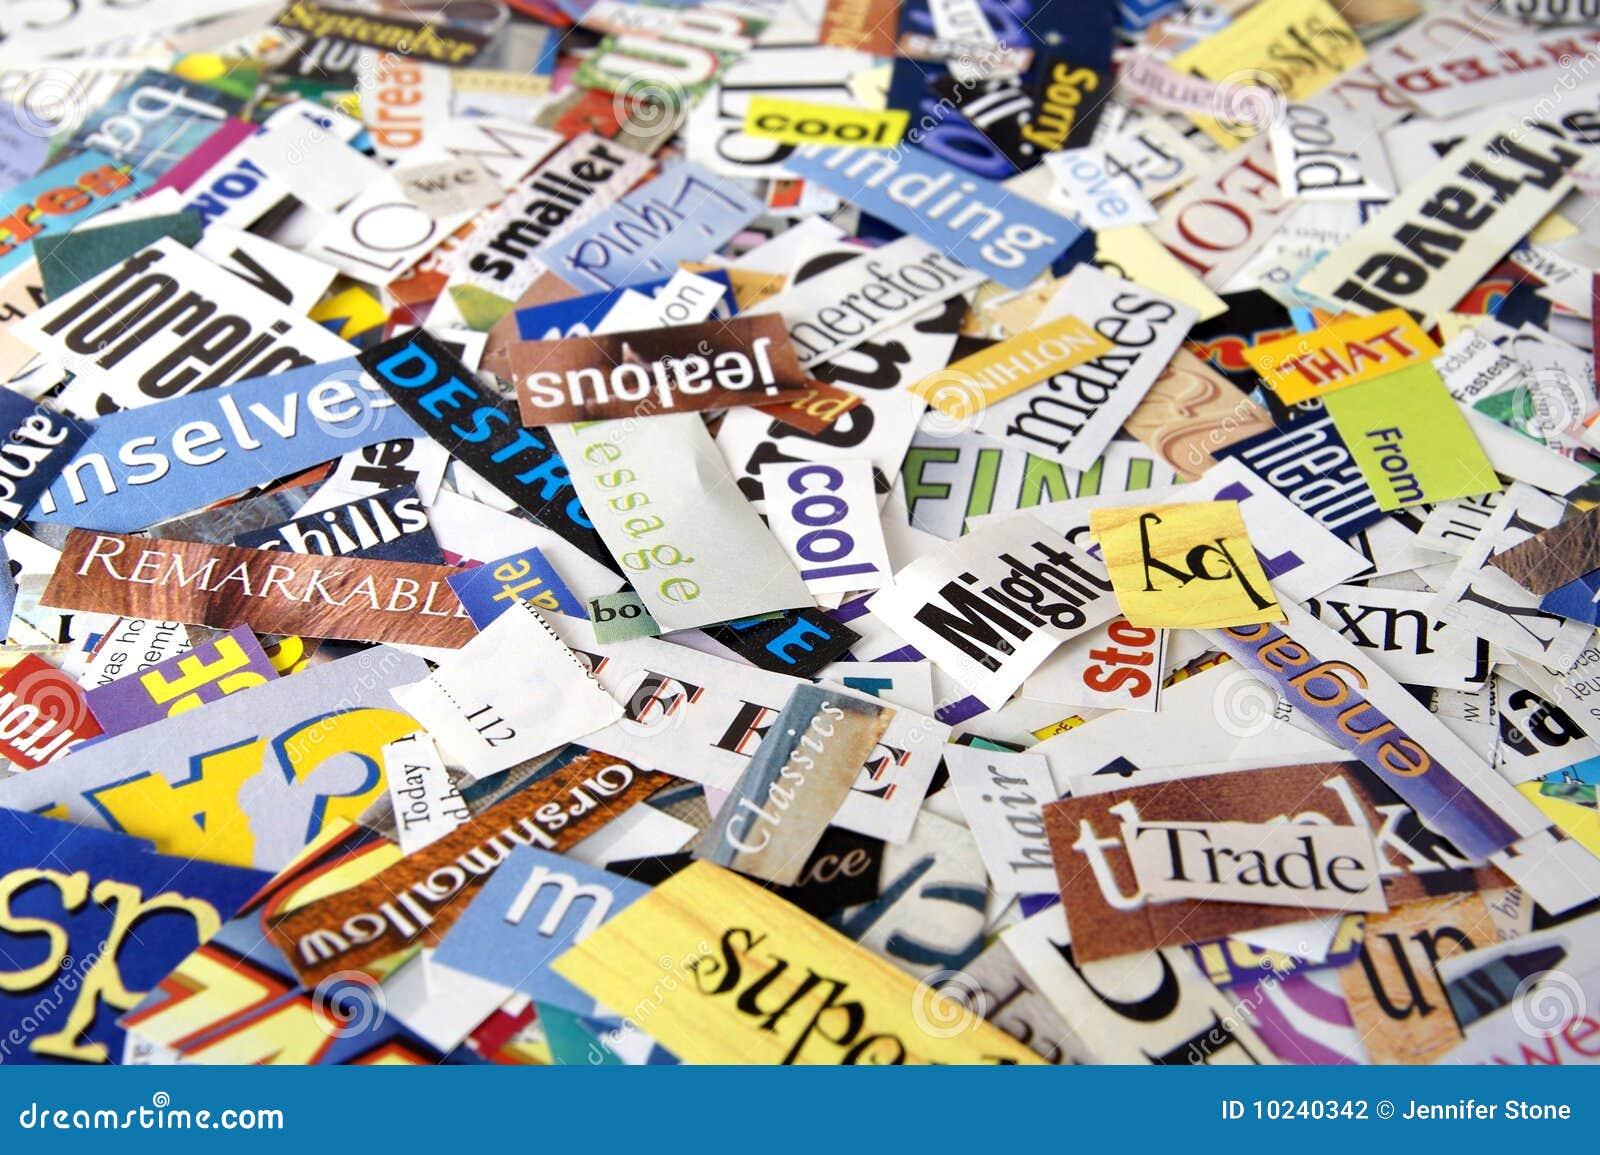 Magazine word background stock photography image 12291482 - Magazine Word Clipping Background Stock Photography